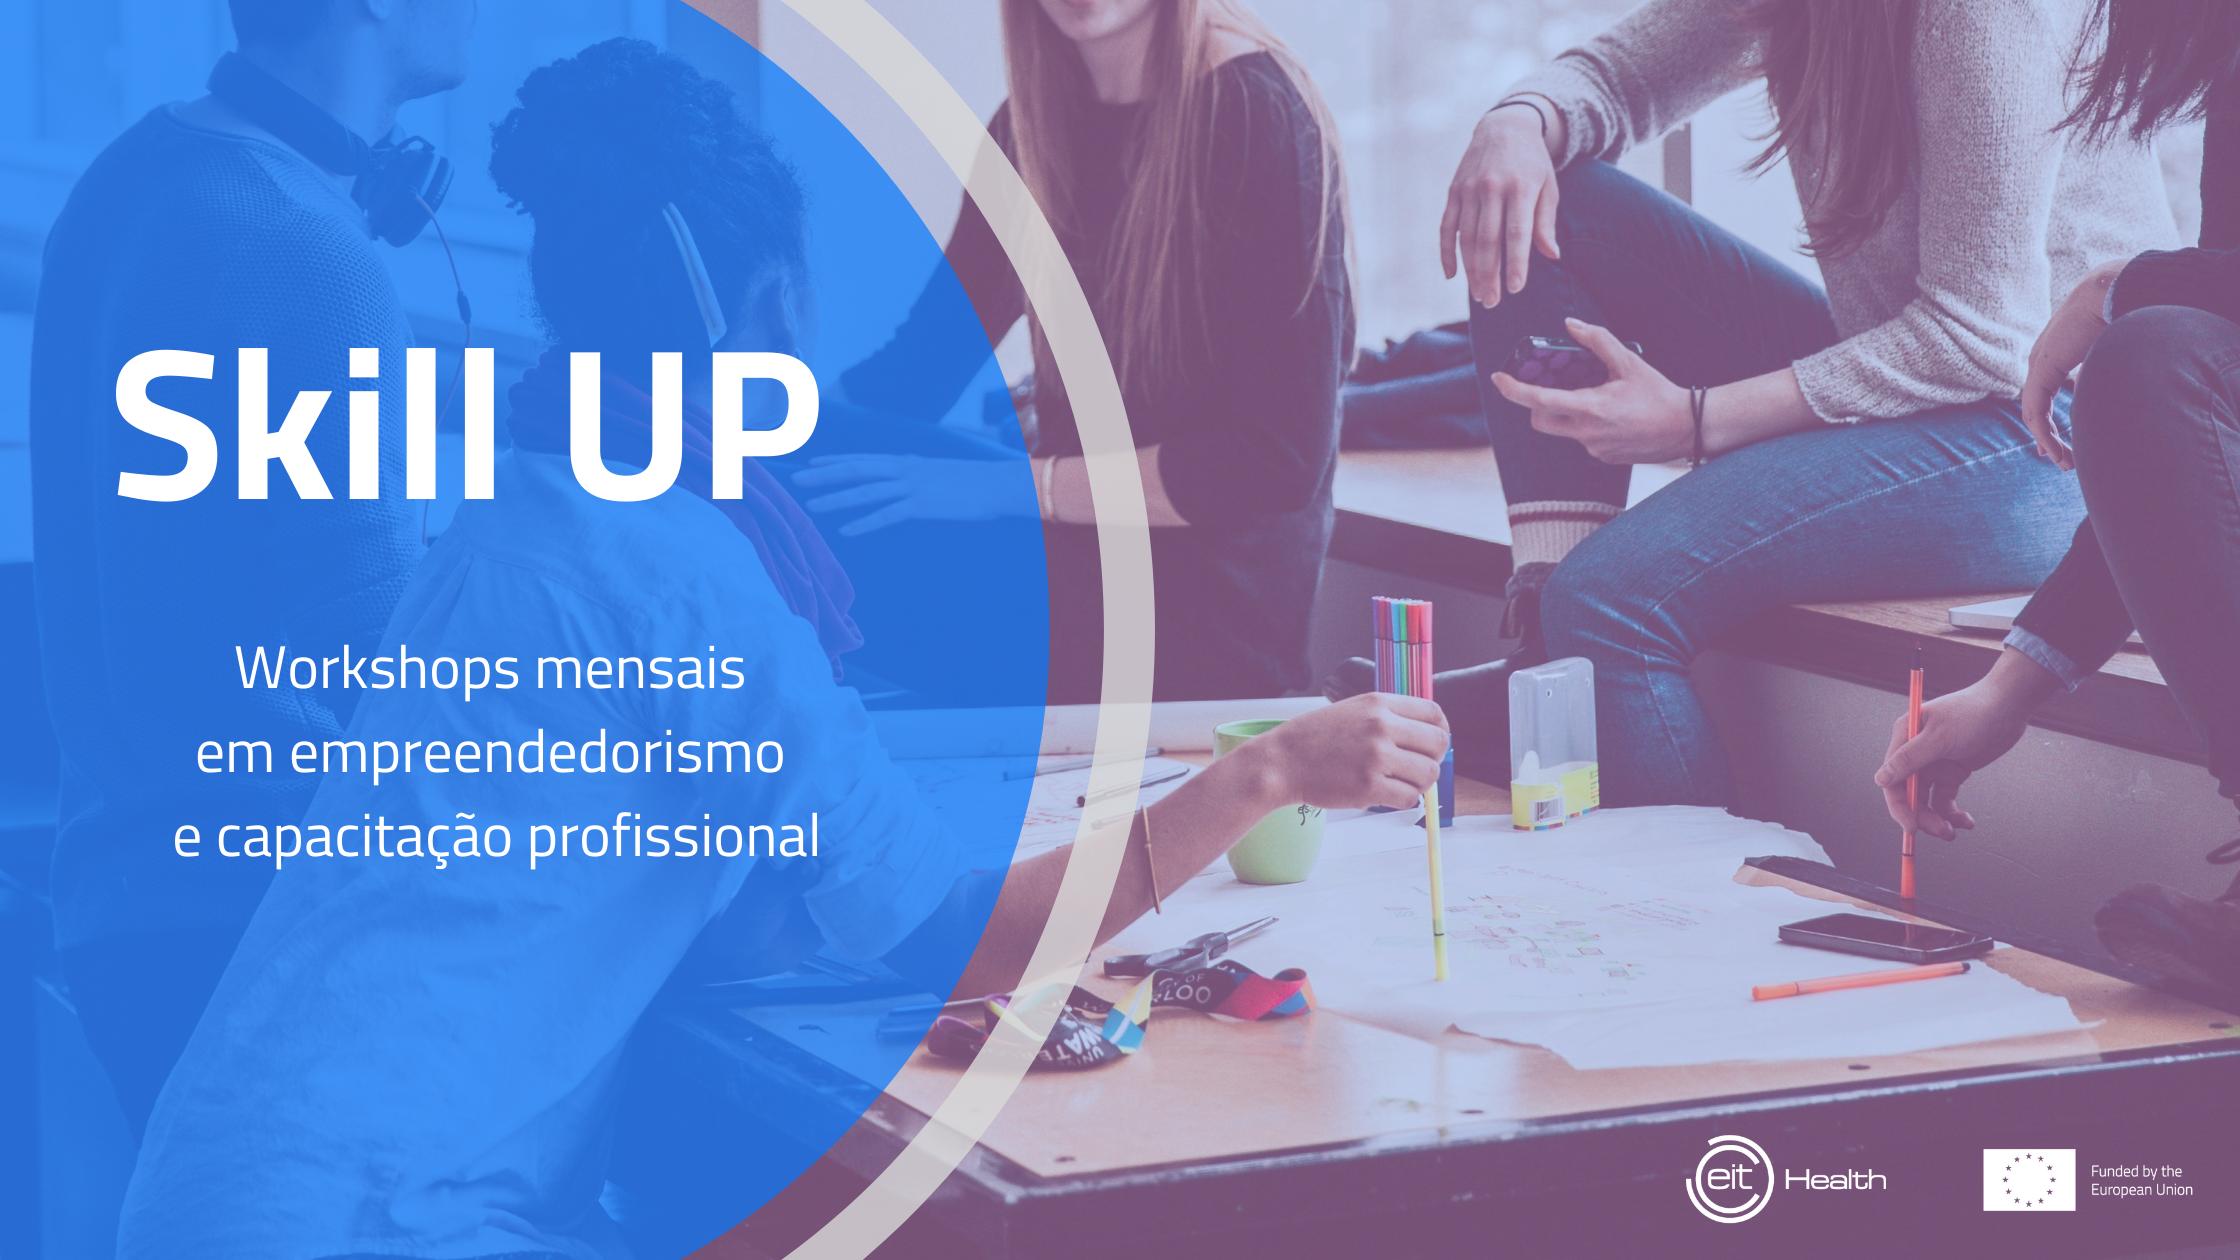 Skill UP - workshops de empreendedorismo e capacitação profissional